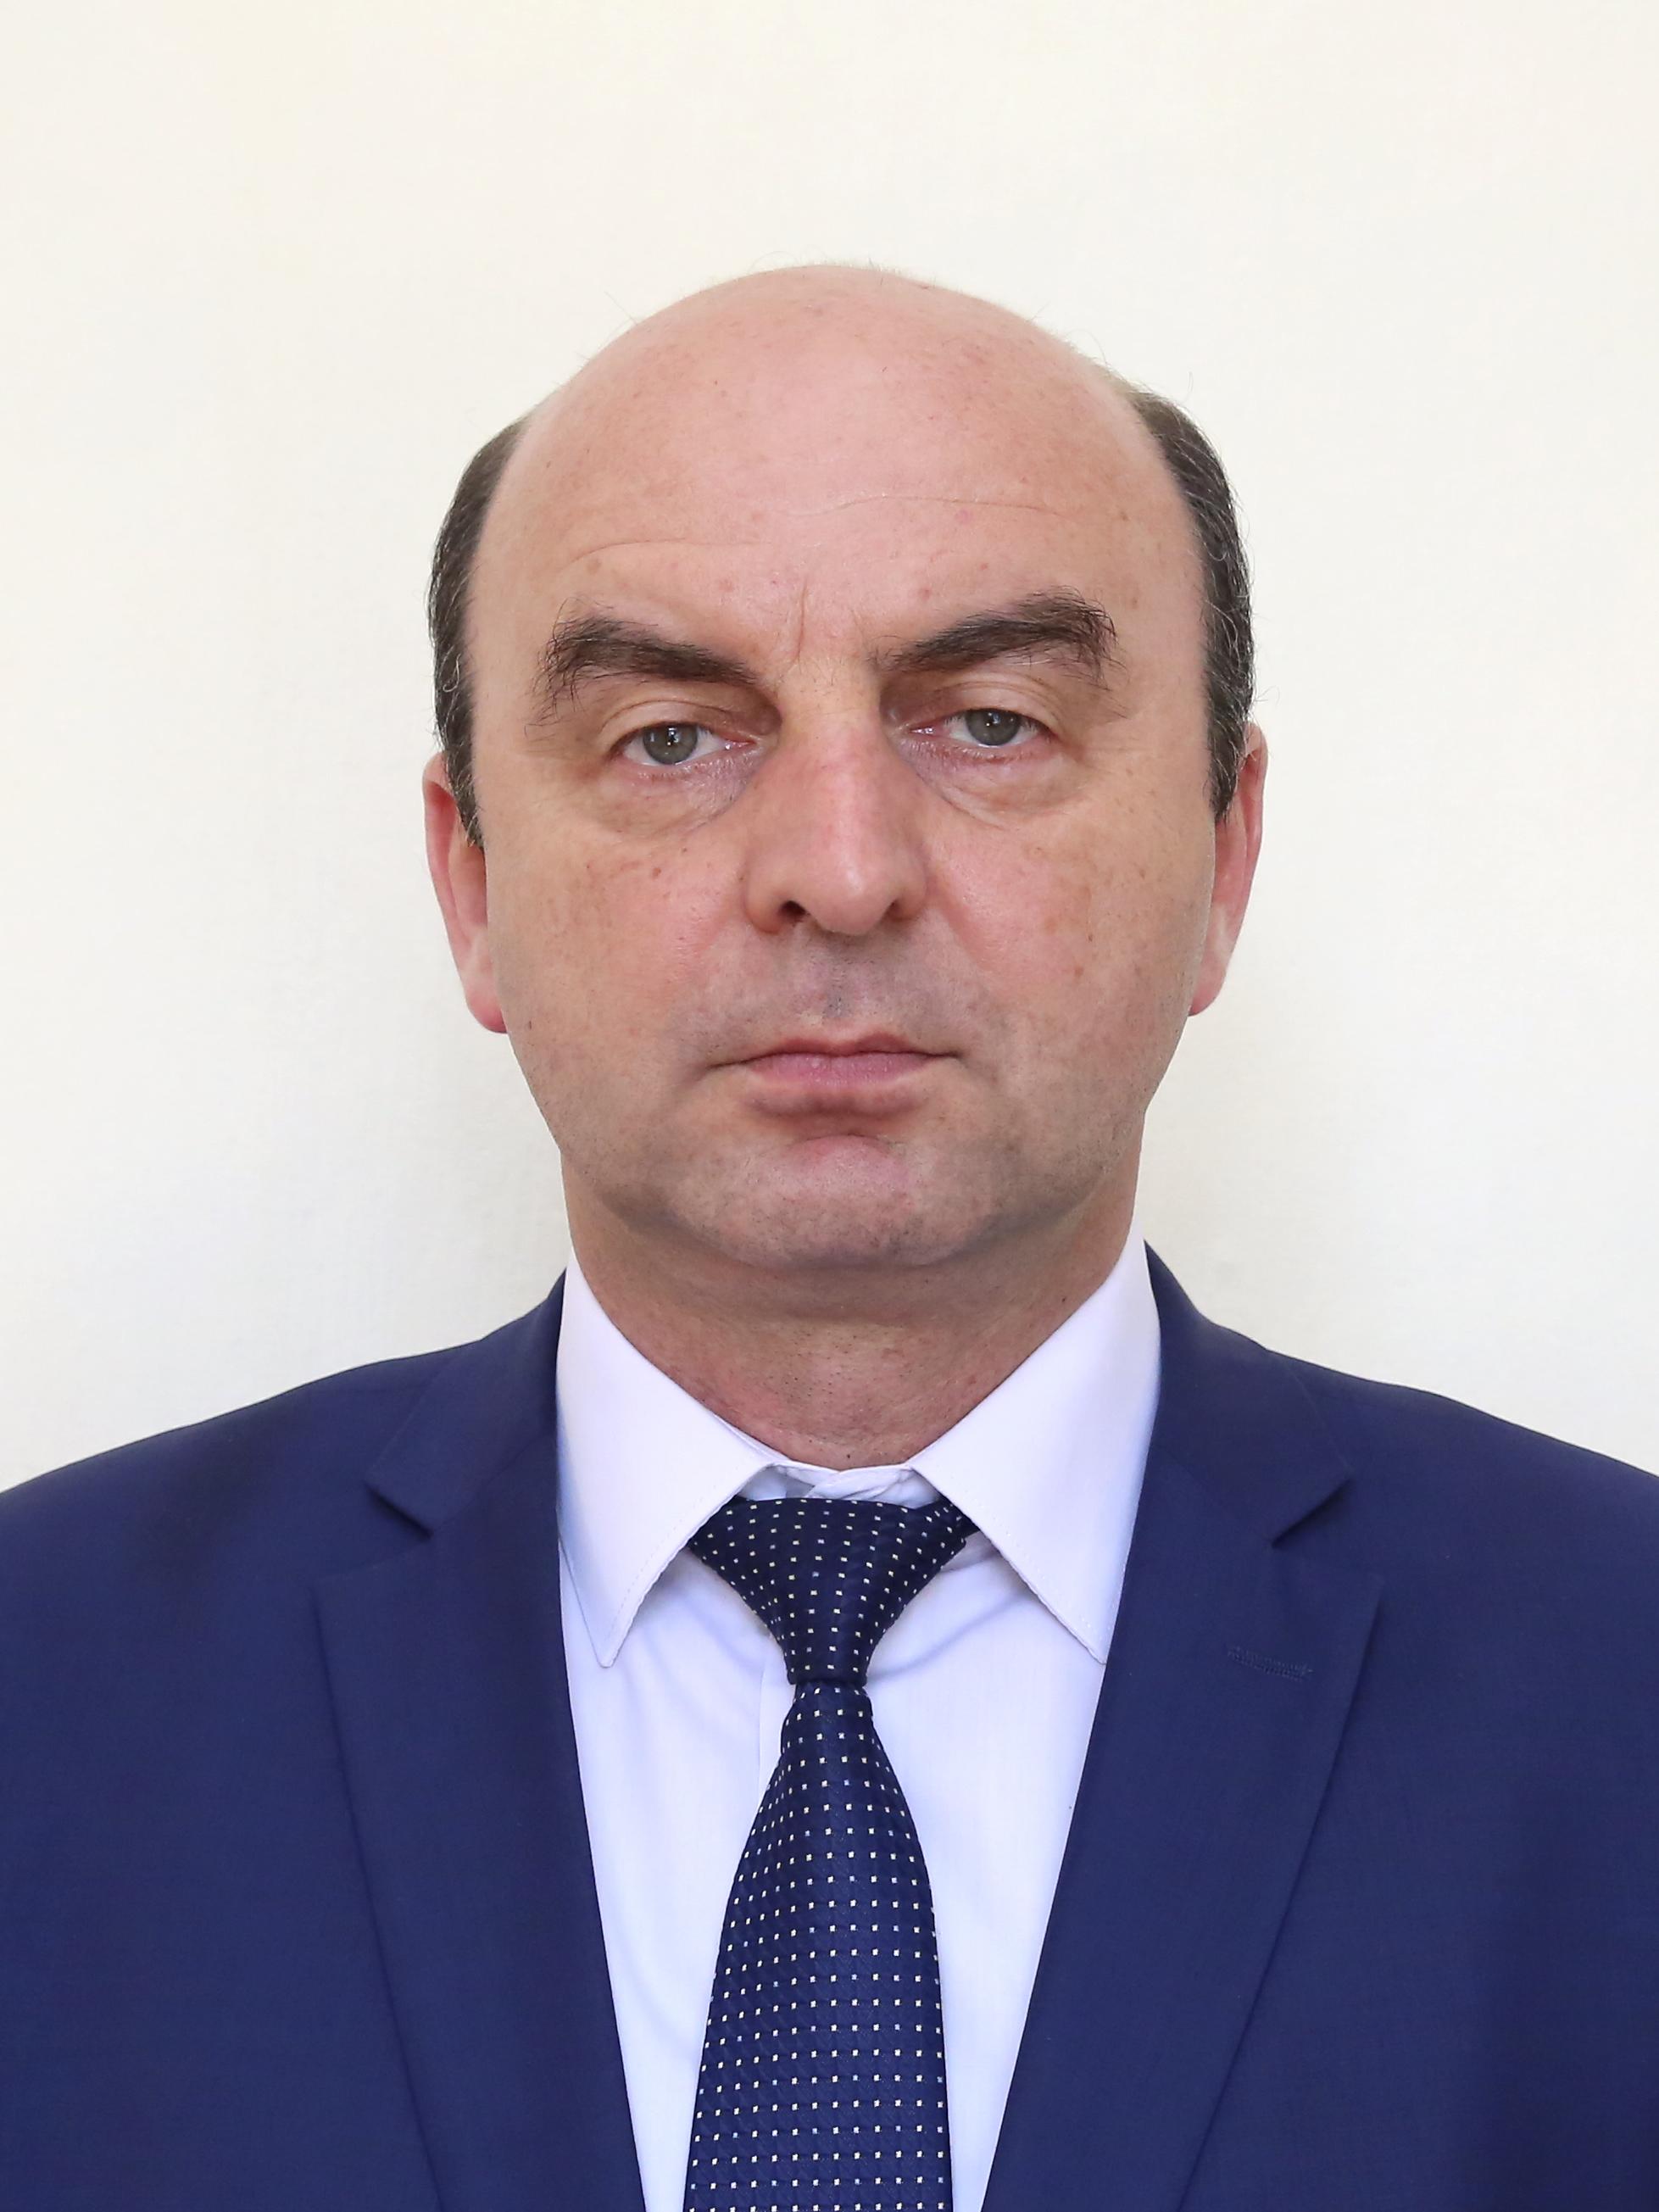 Зубайру Зубайруев возглавил Управление Администрации Главы и Правительства РД по информационной политике